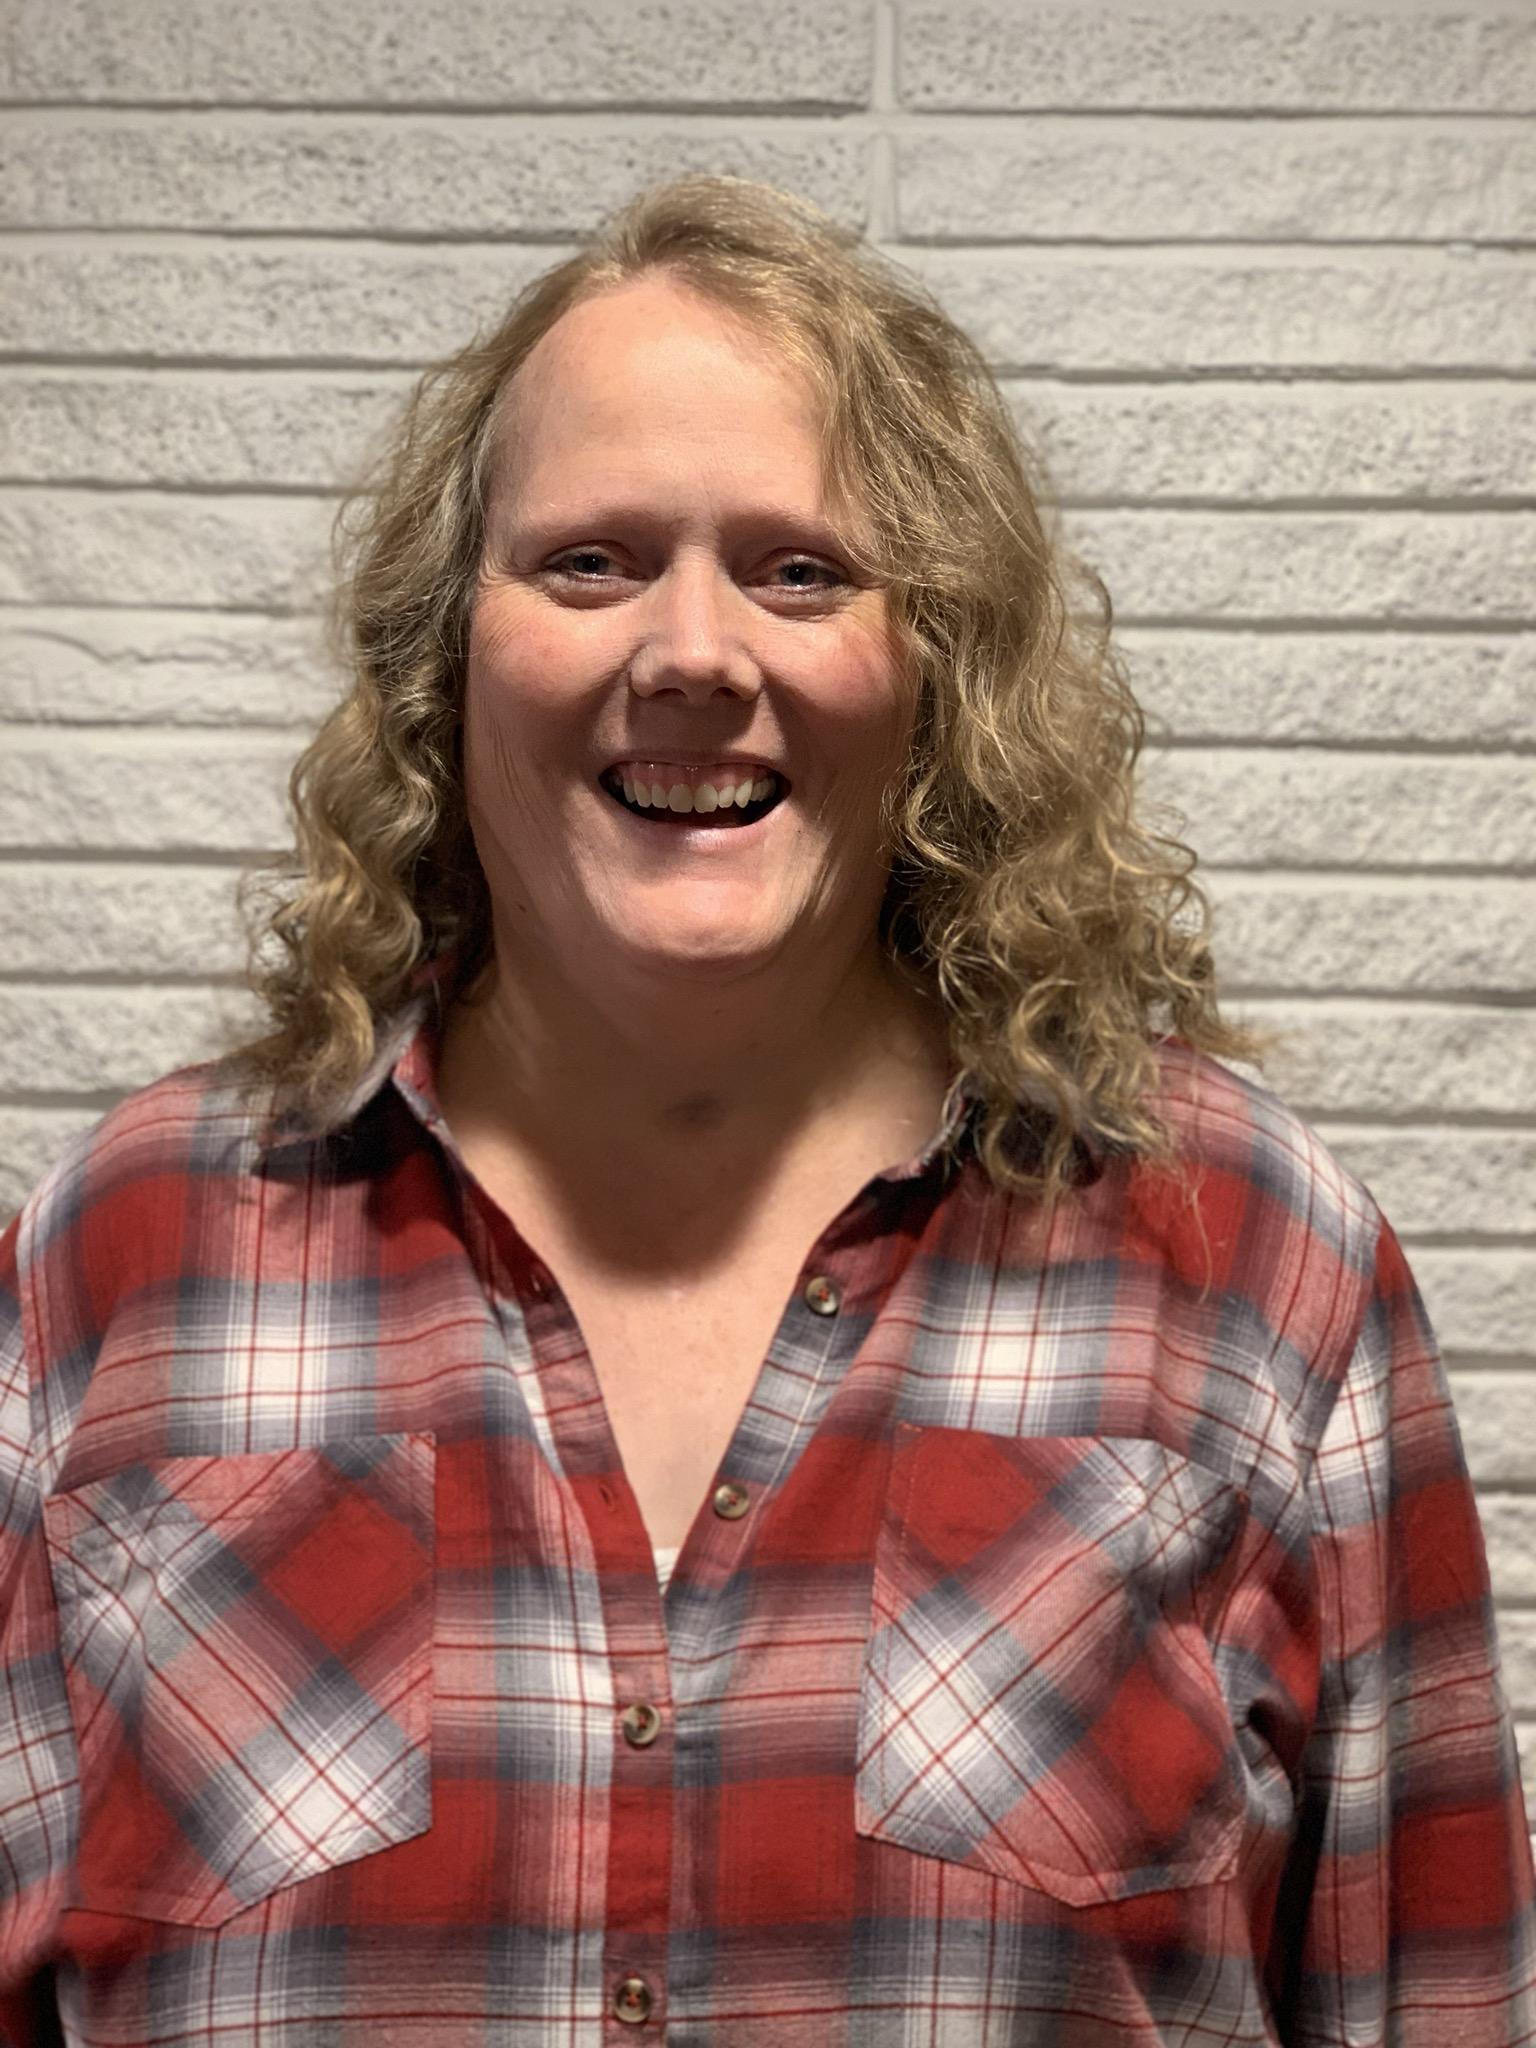 Melissa S (utahmamabear)